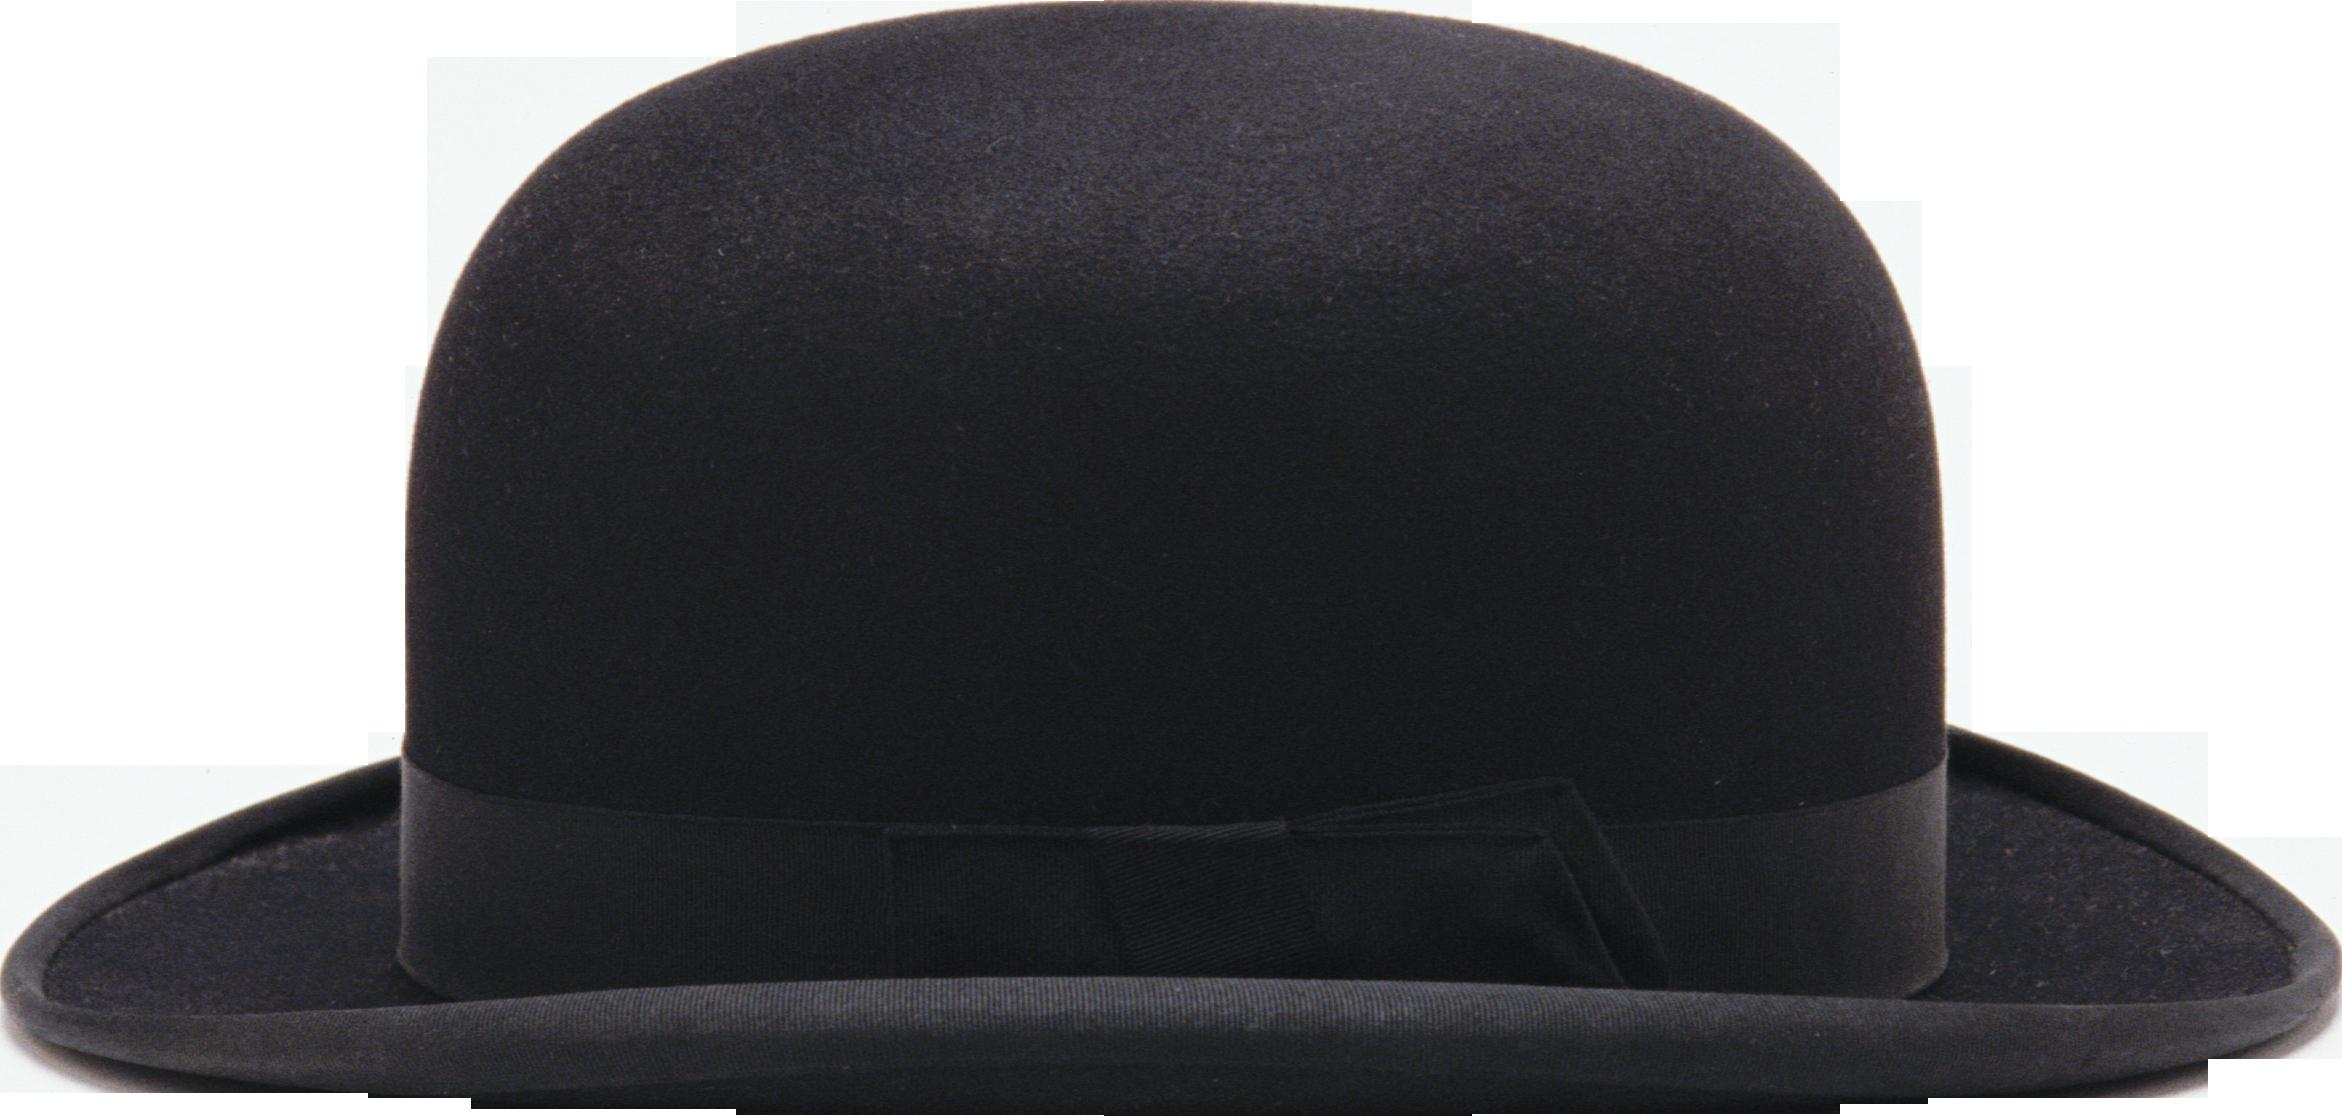 Cap PNG - 16910